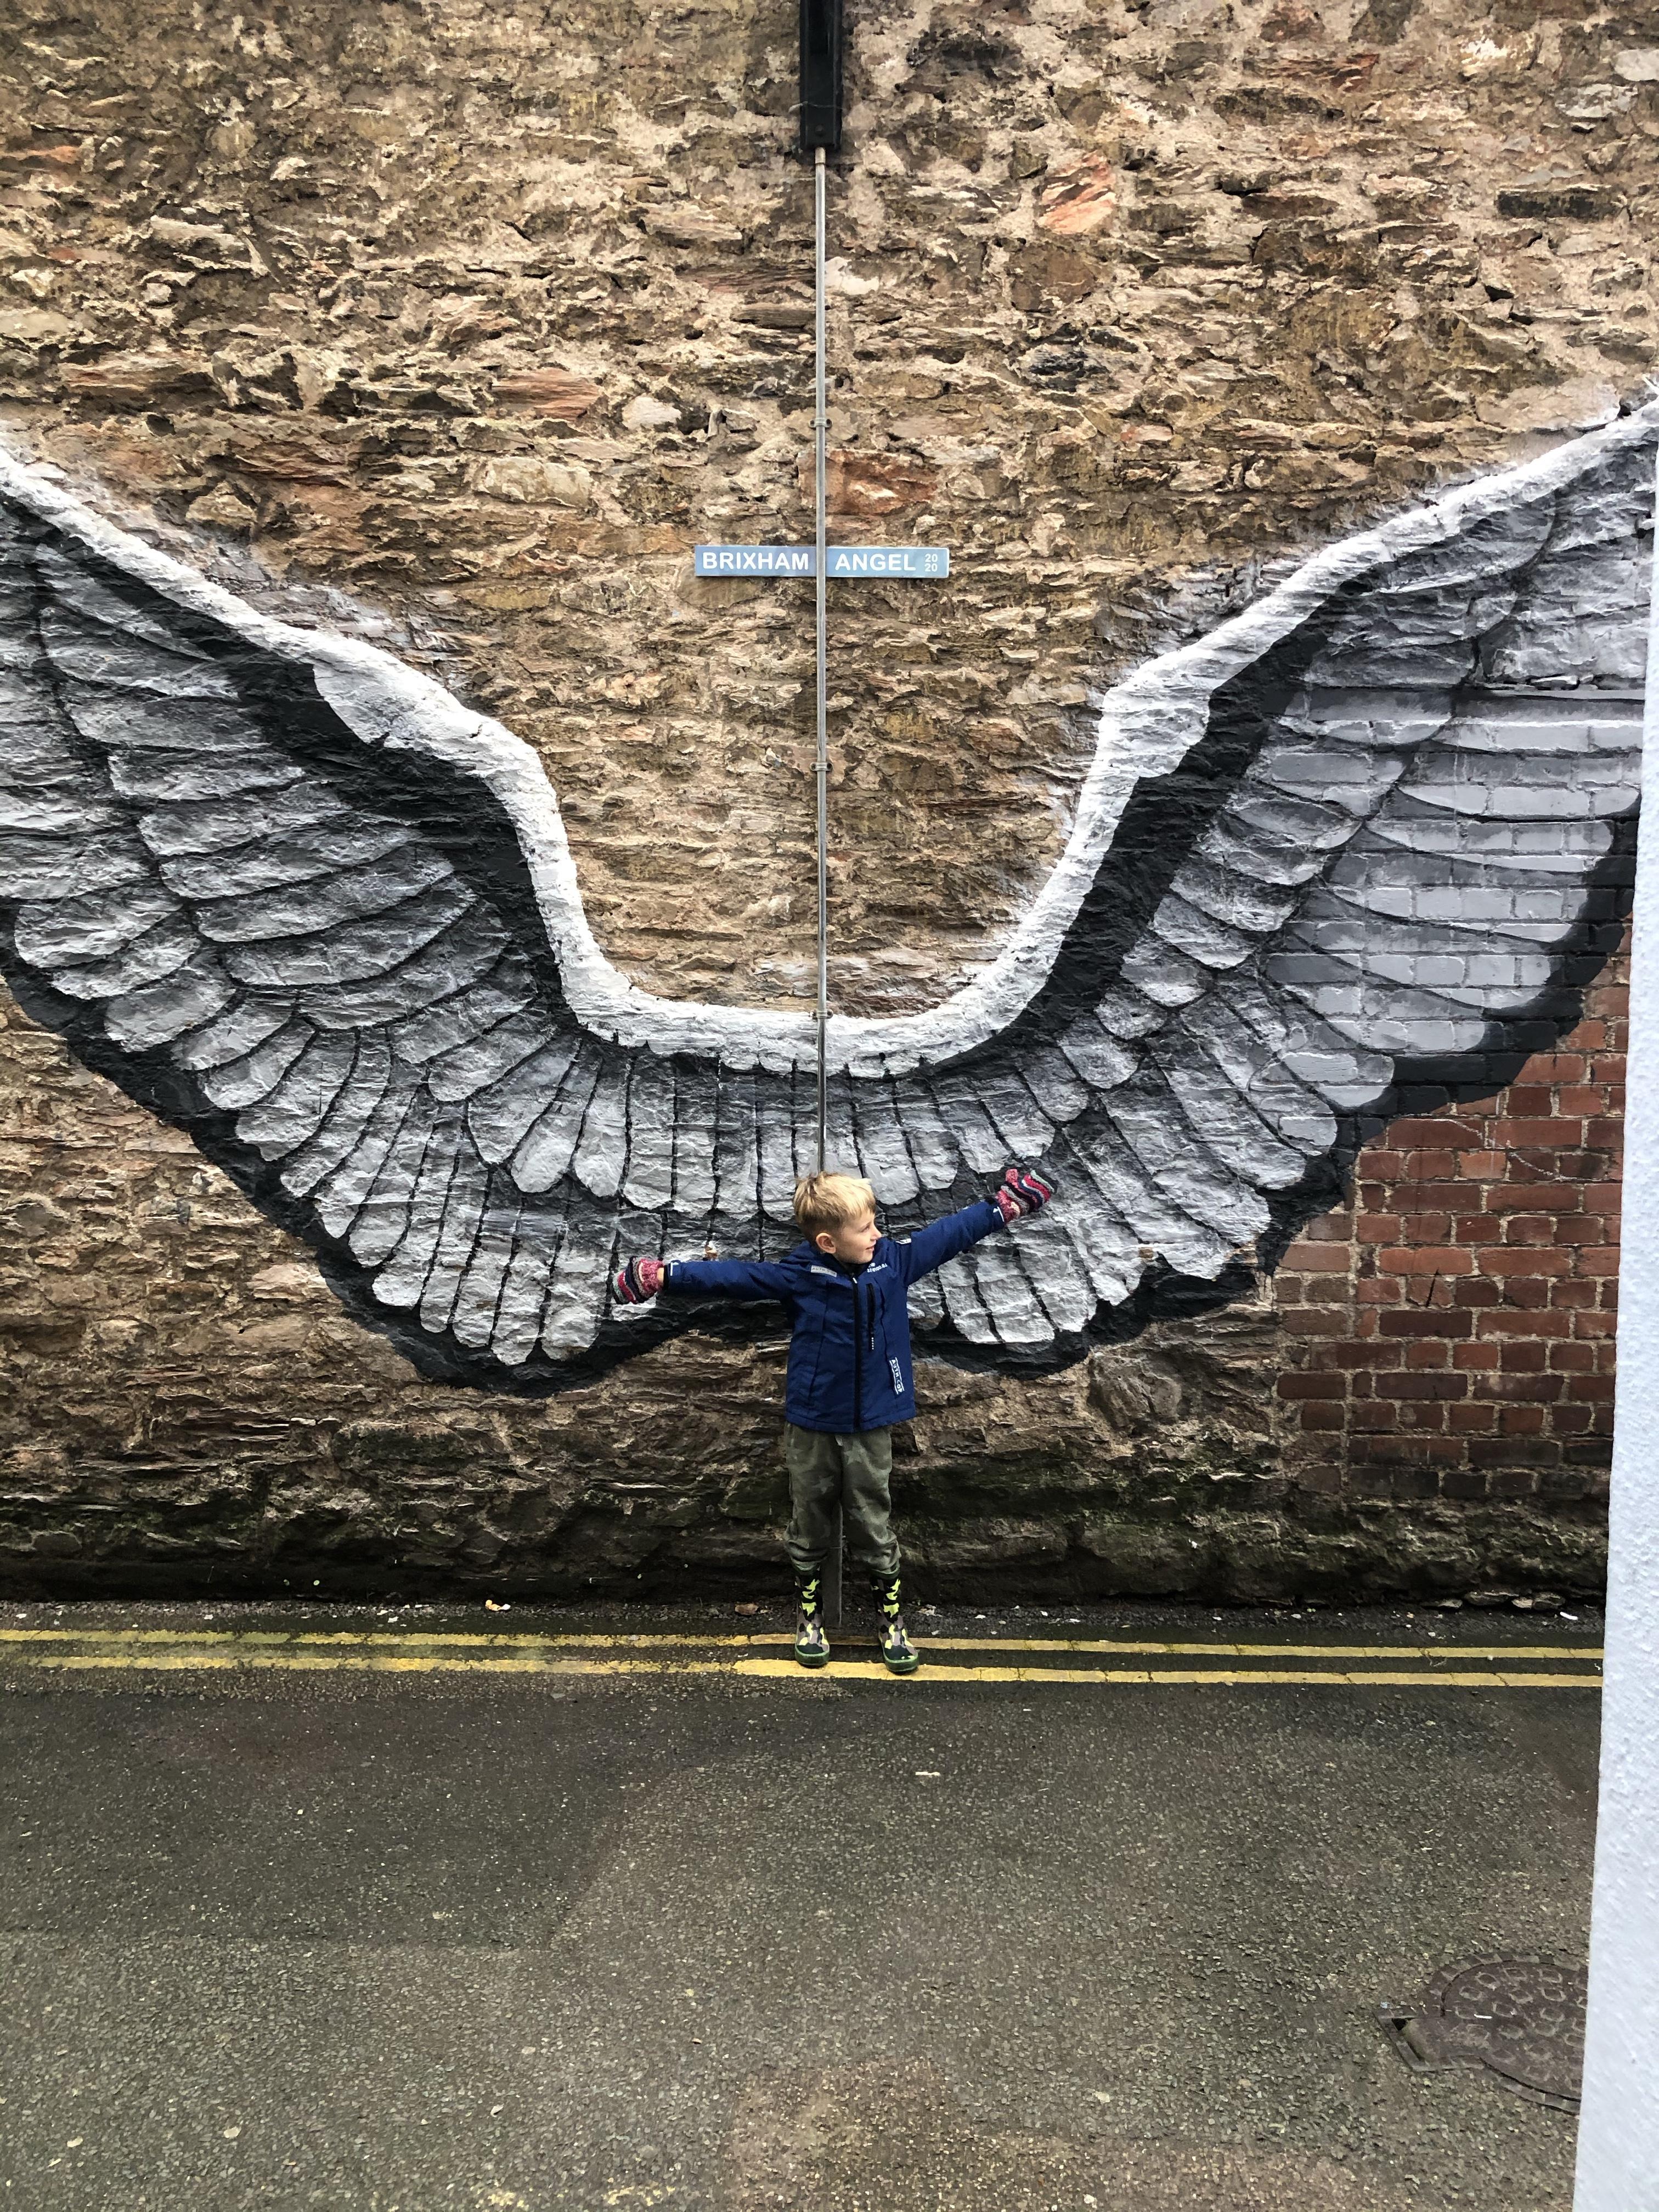 Brixham angels